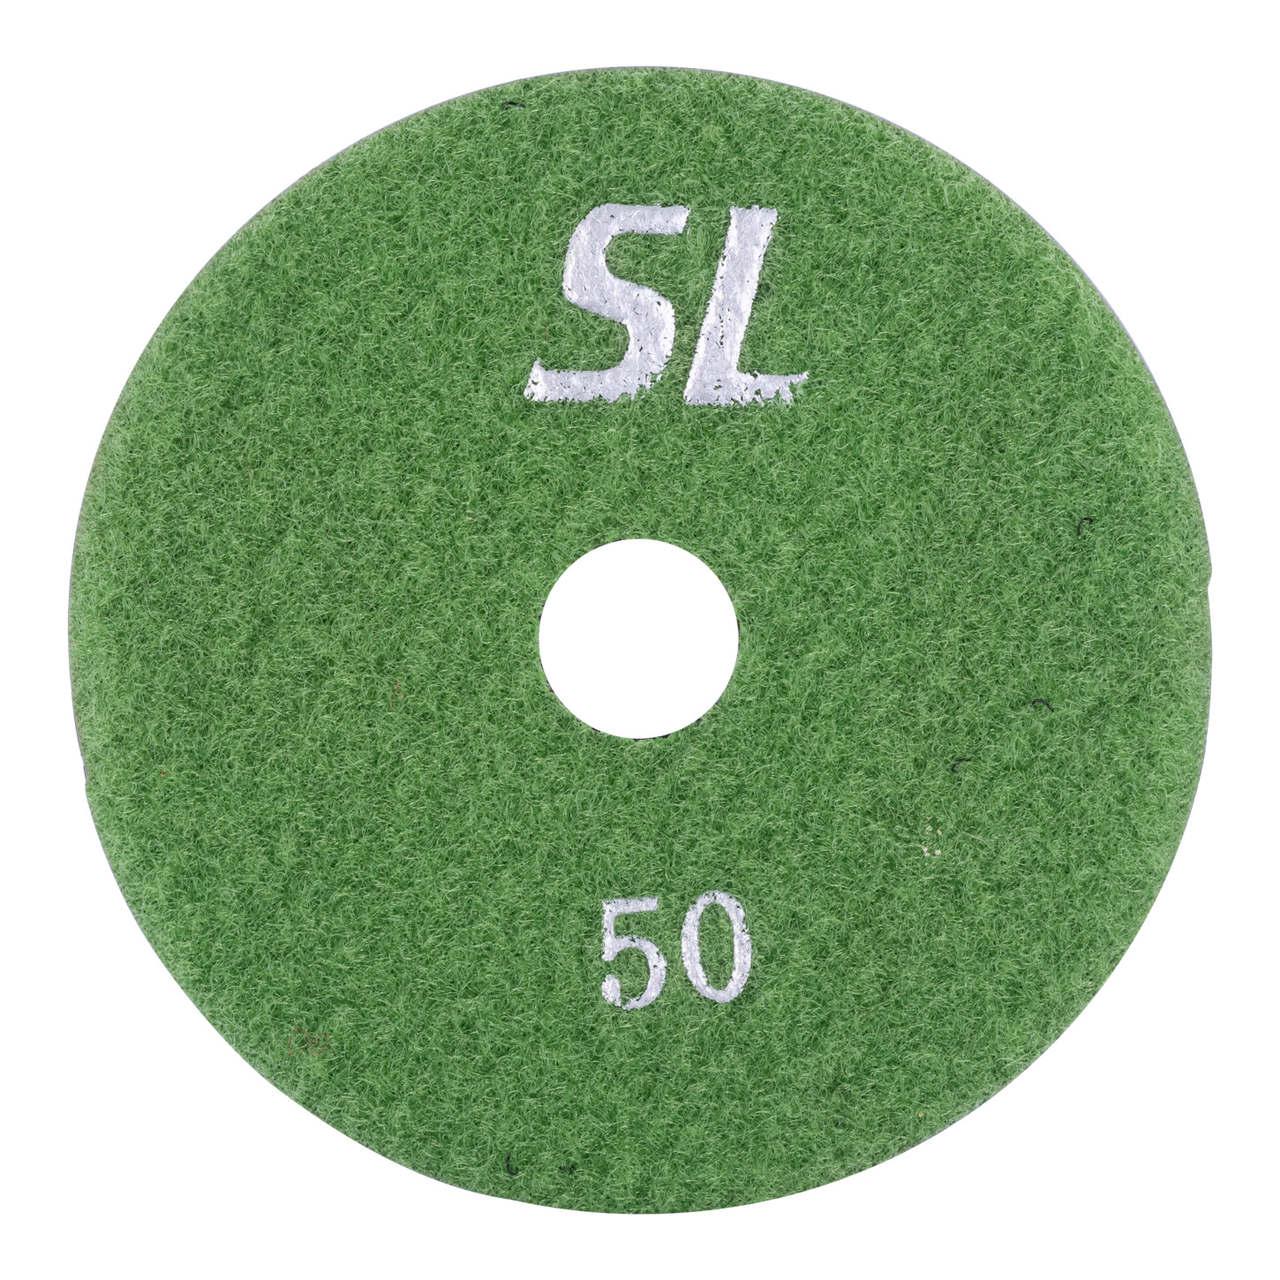 Lixa diamantada d'agua colorida SL 100mm